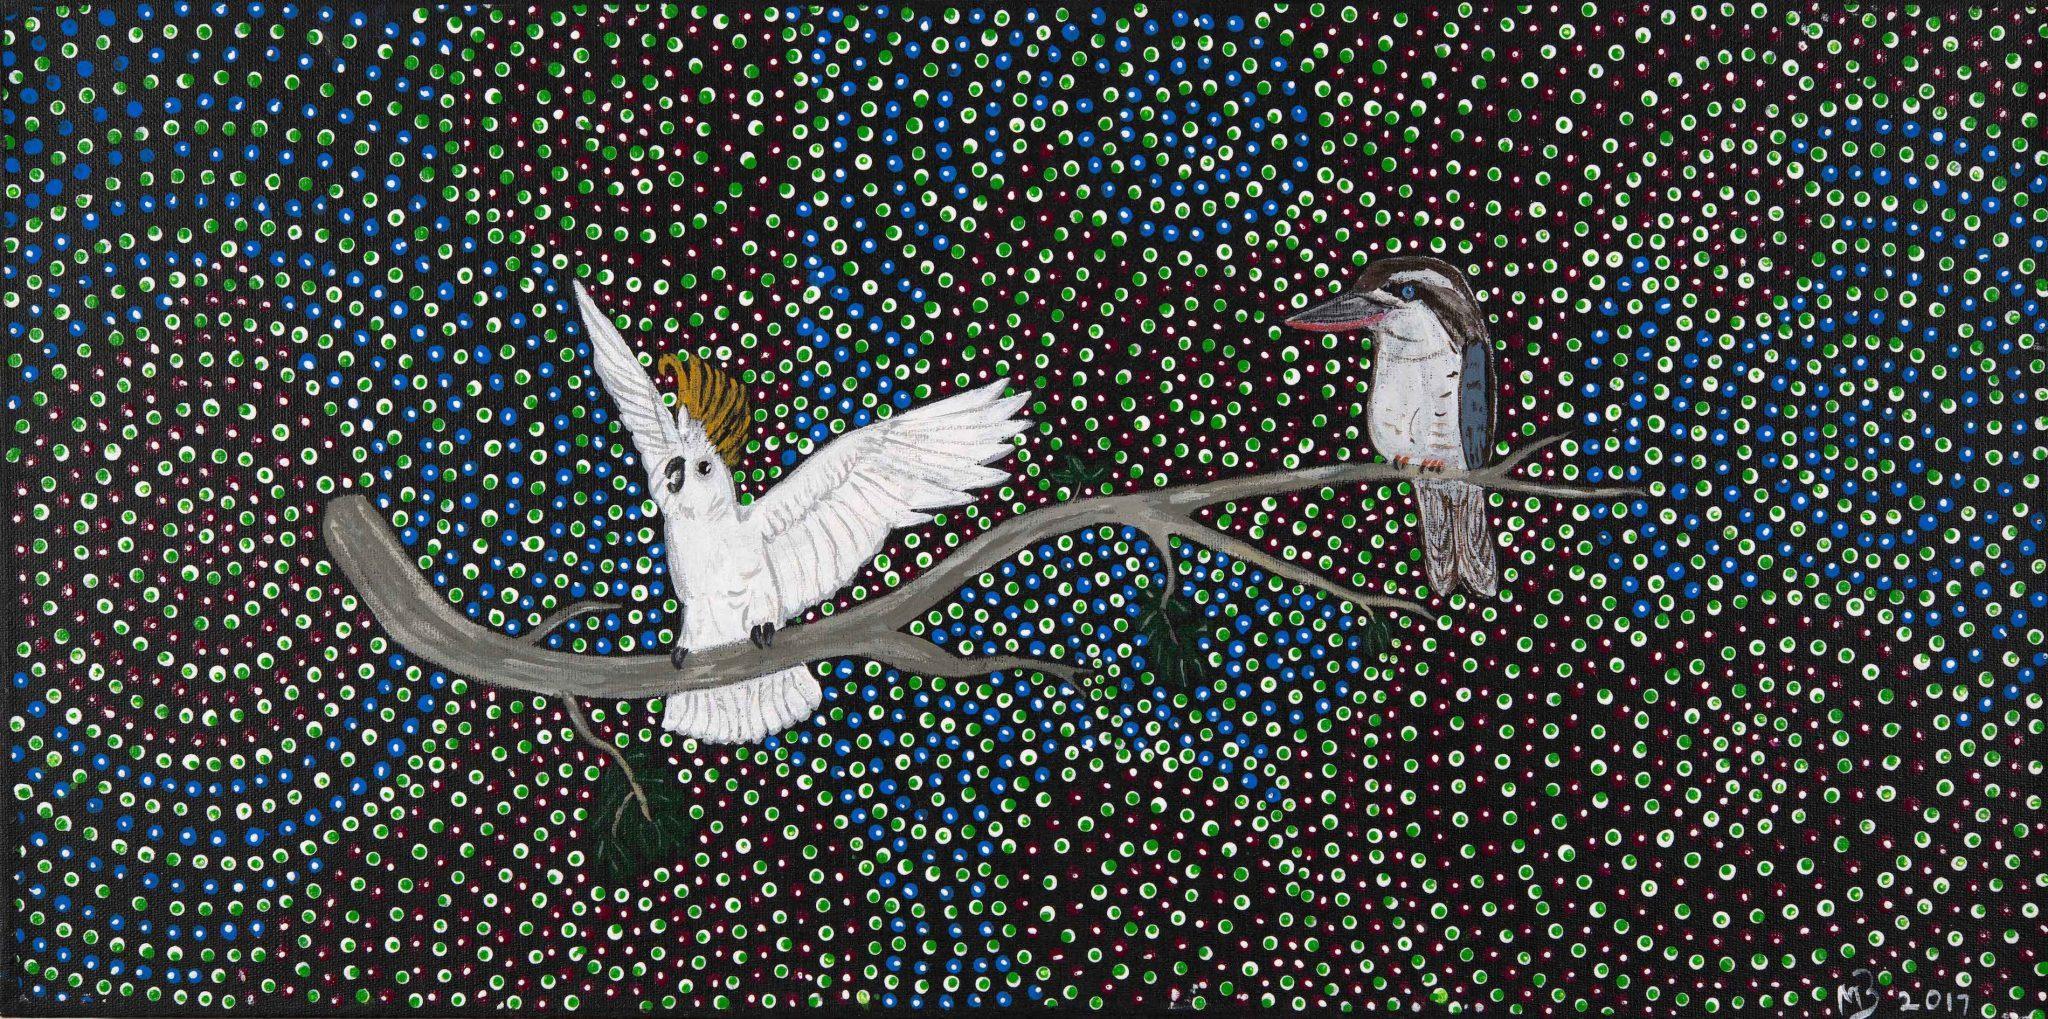 Open Canvas artist Michael Breen